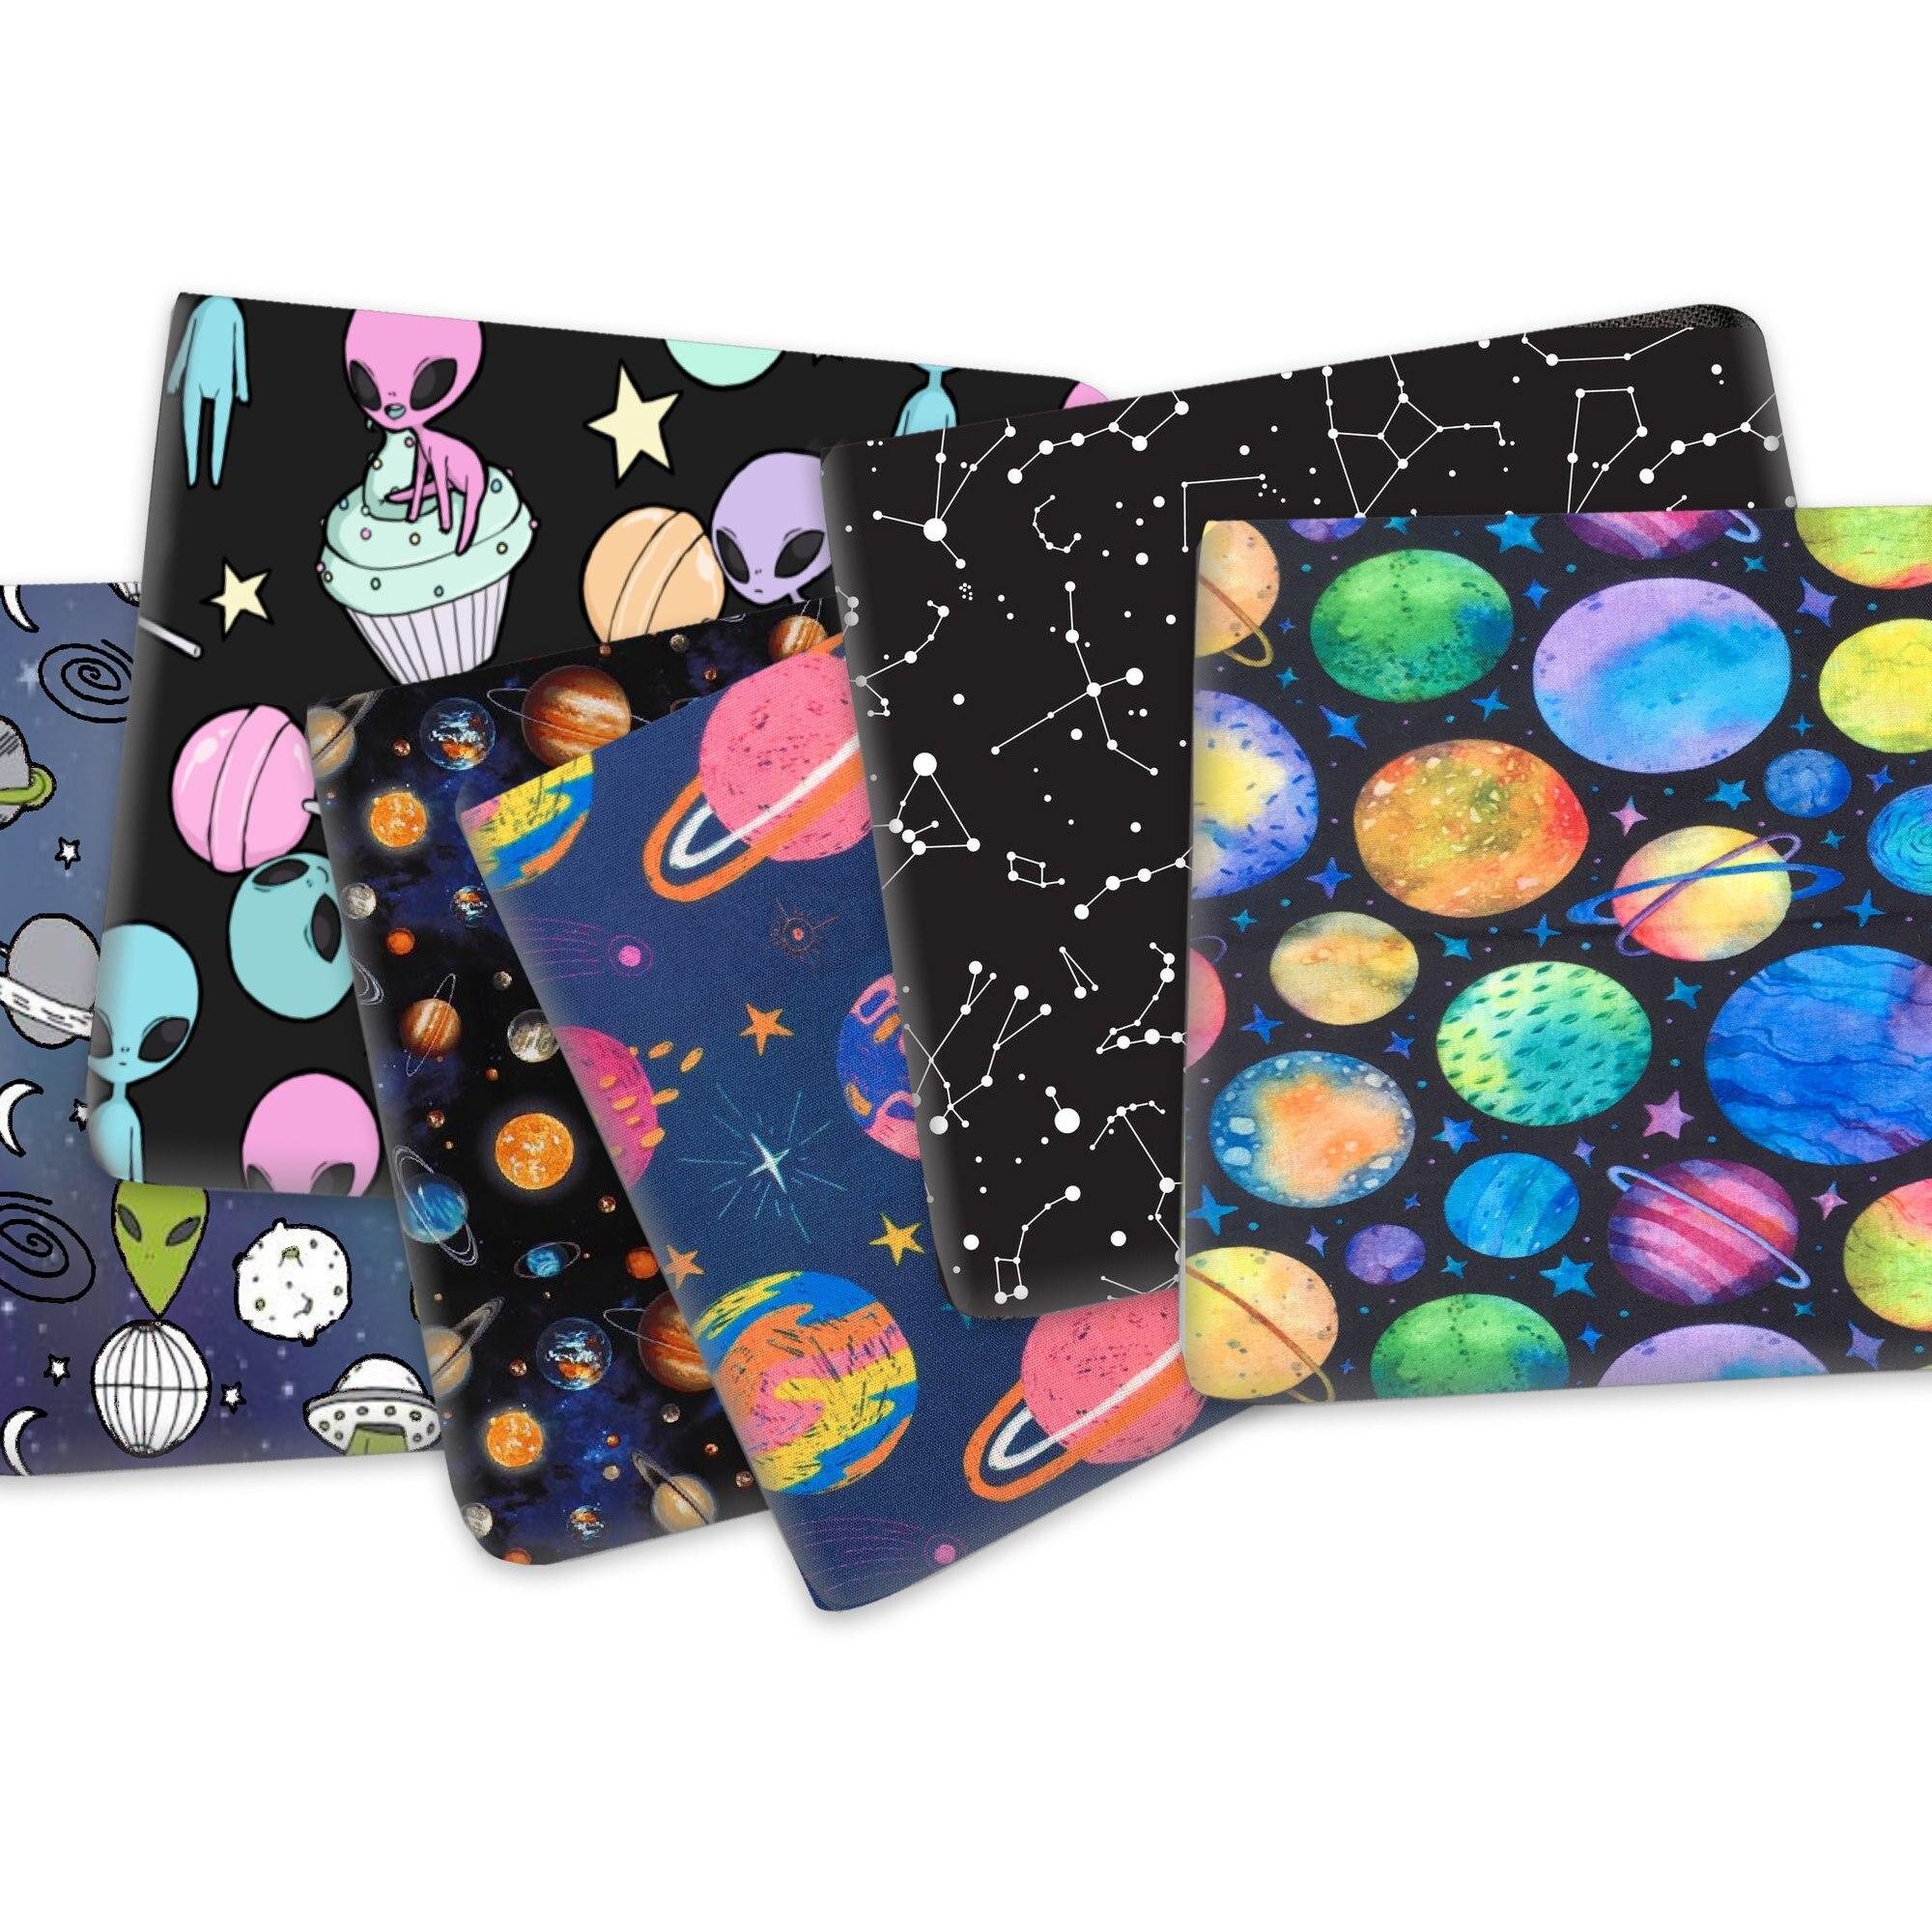 Ткань хлопковая Полиэстеровая с принтом планеты Галактики, 50*145 см, материал ручной работы для домашнего текстиля, 1Yc13746